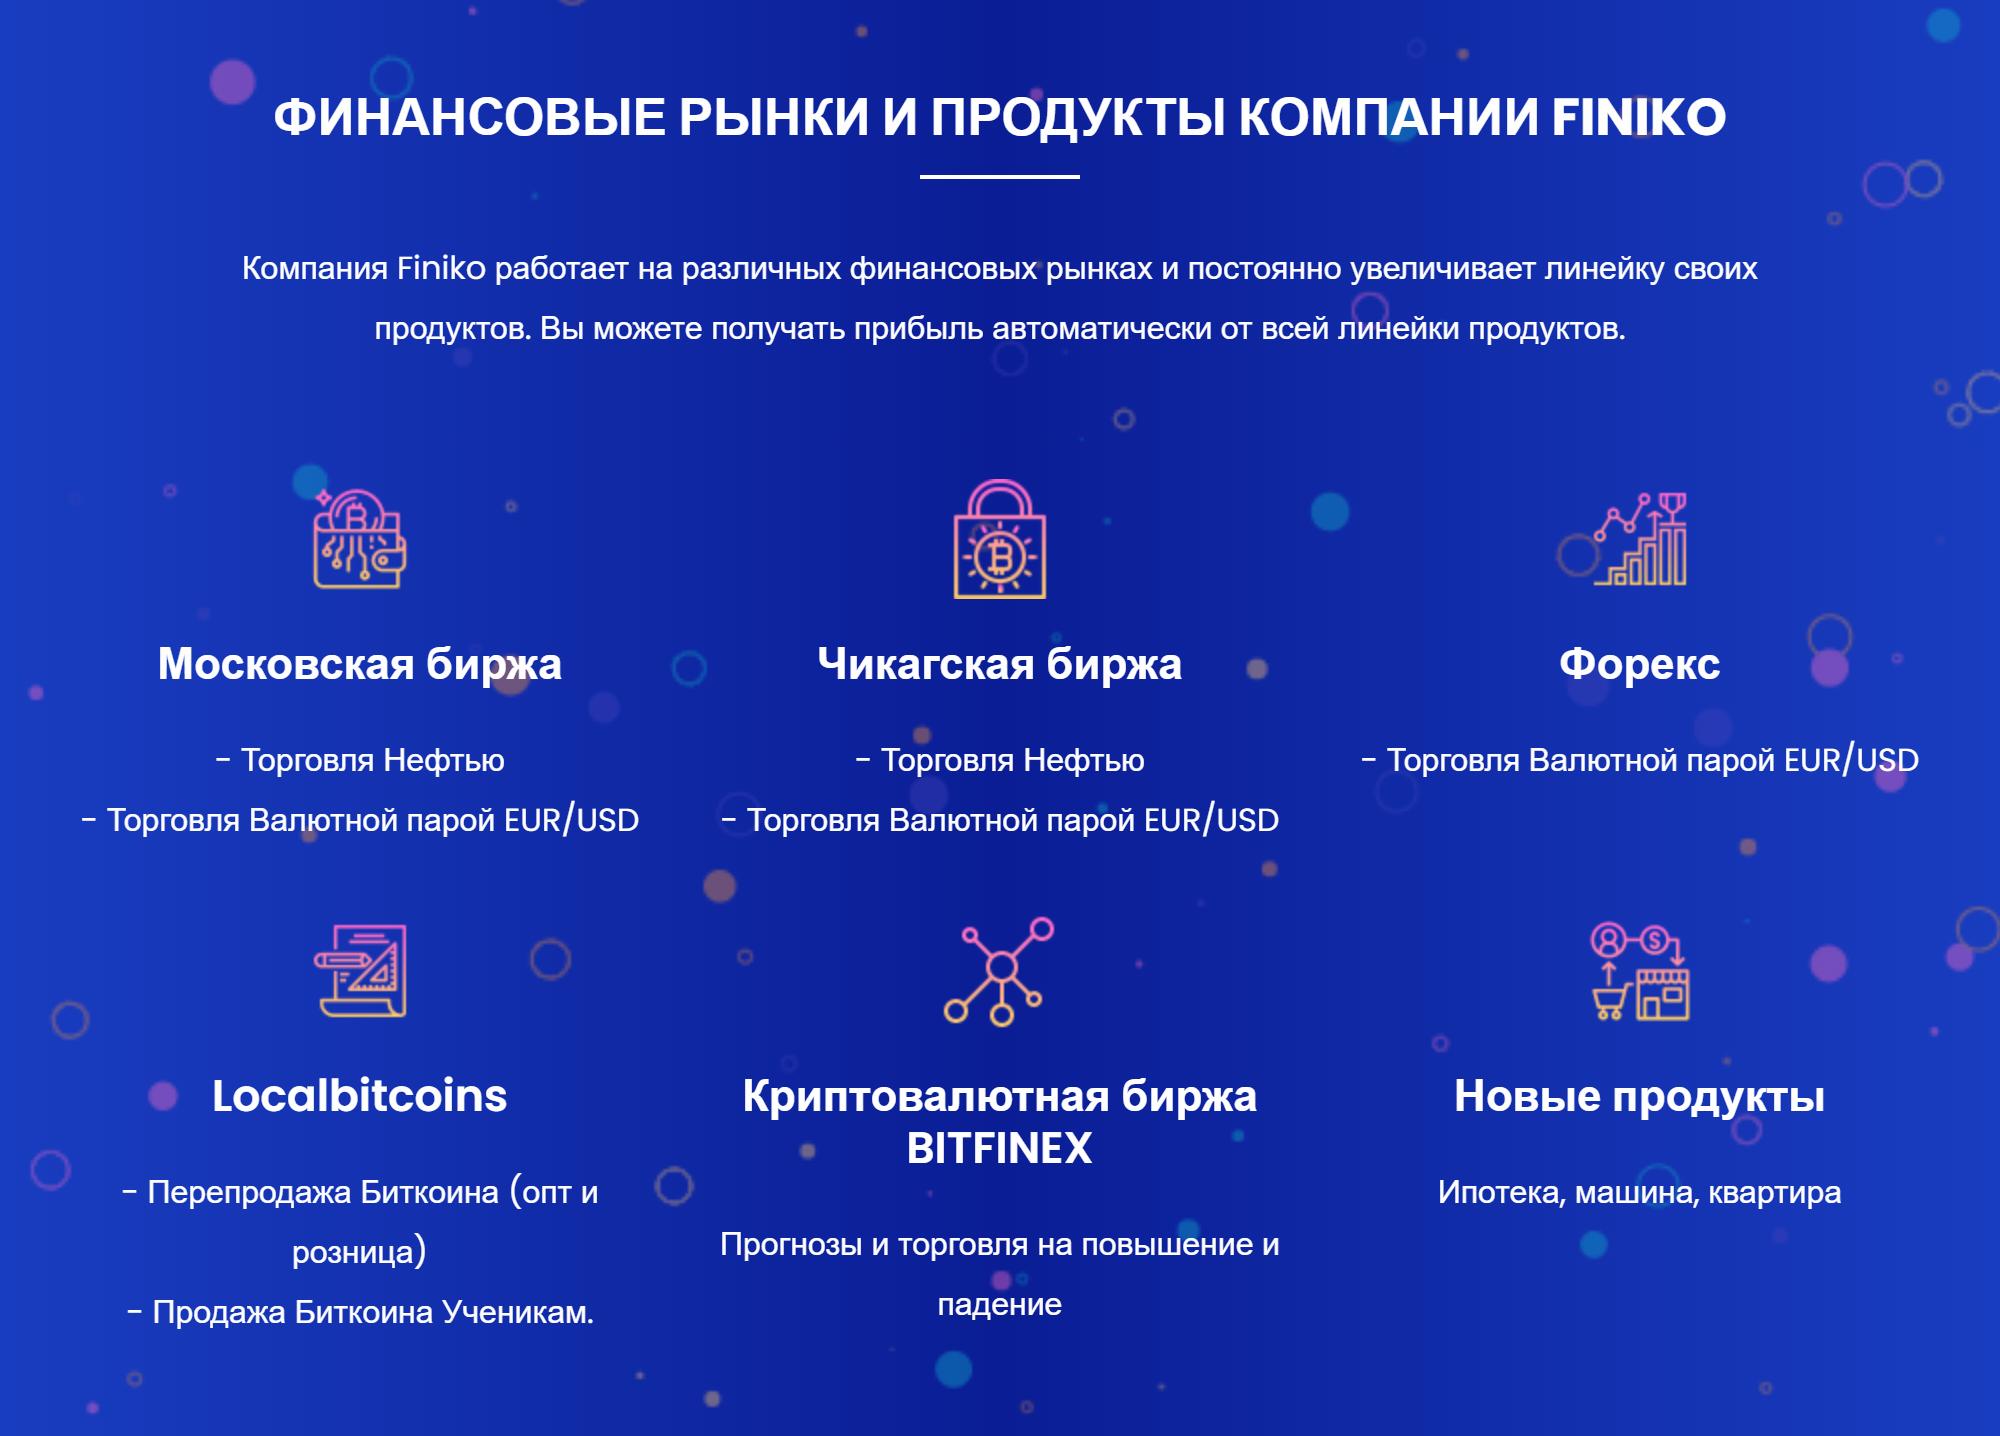 На сайте finiko.pro «Финико» пишет, что работает на разных финансовых рынках